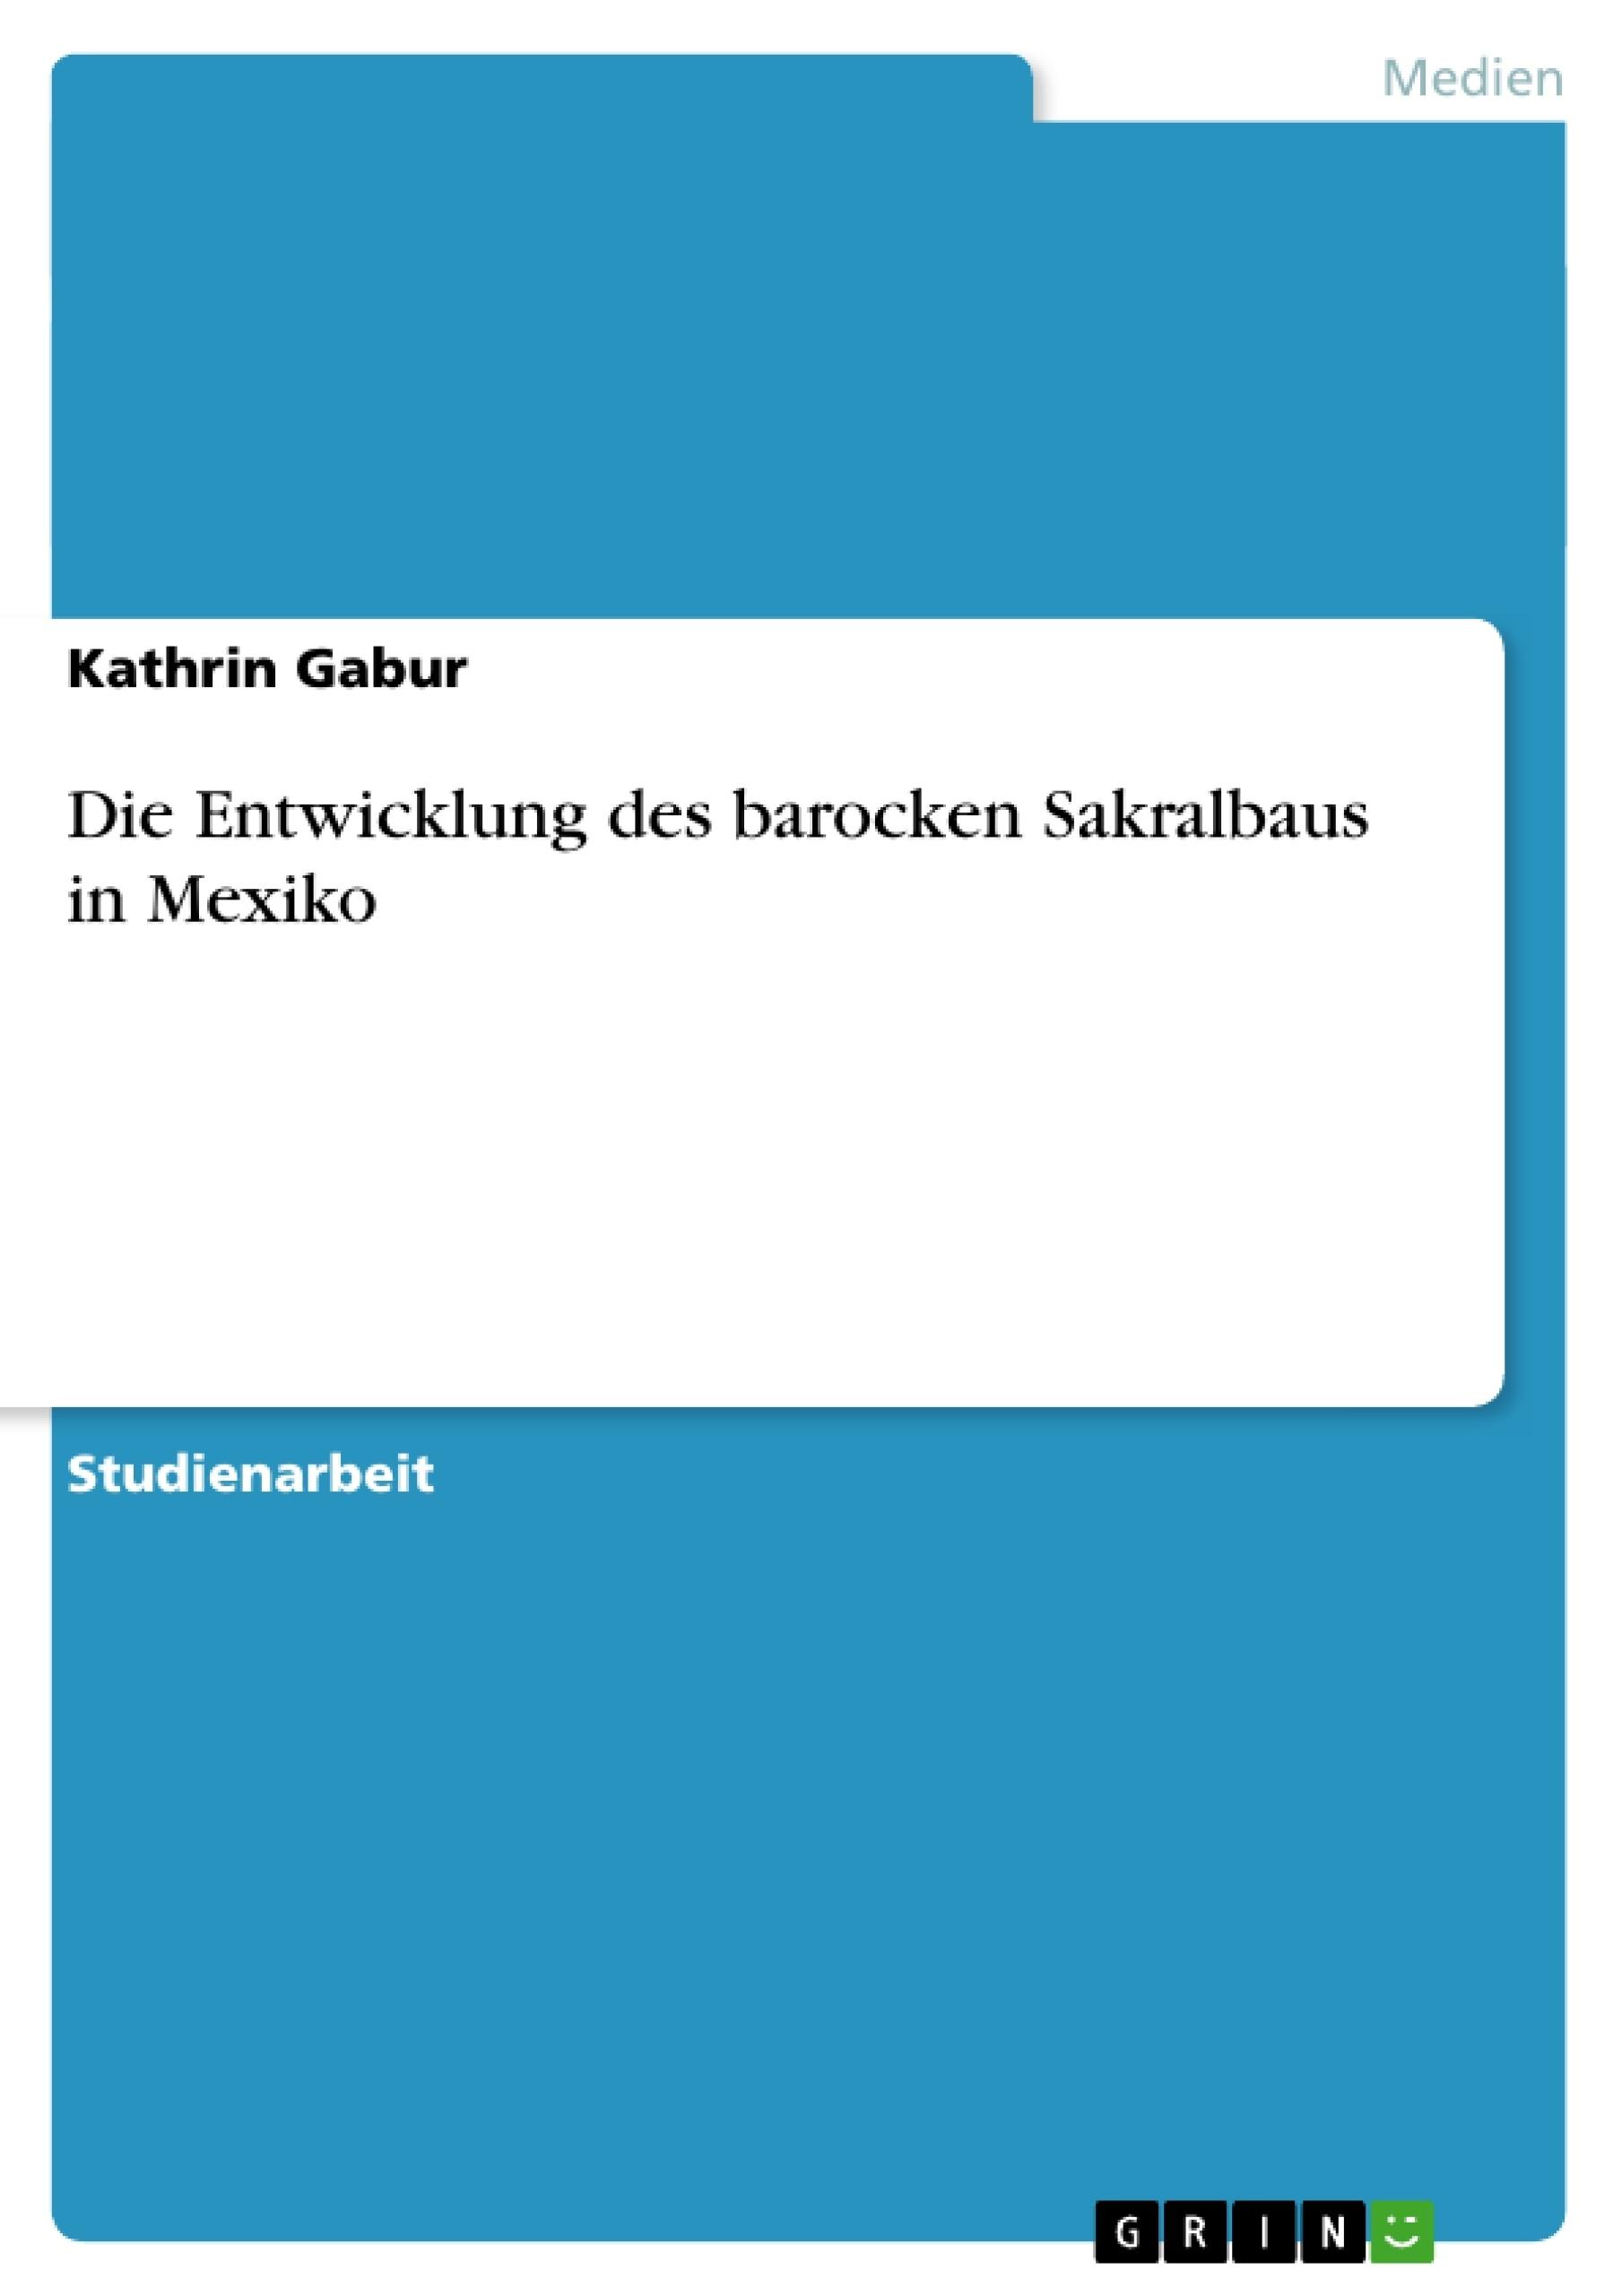 Titel: Die Entwicklung des barocken Sakralbaus in Mexiko